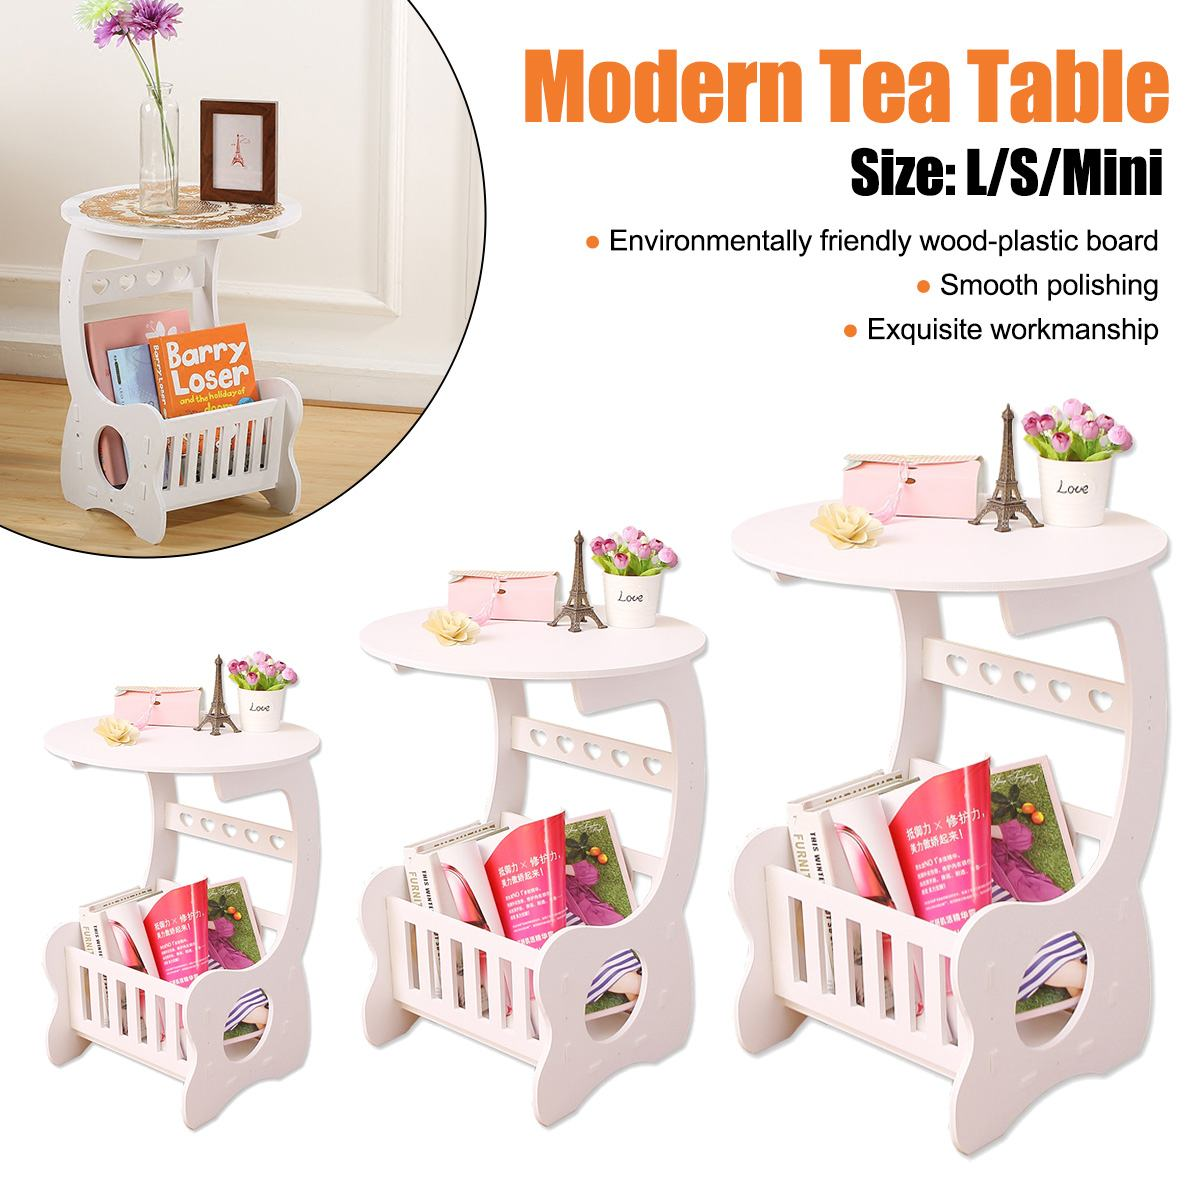 Taille en bois moderne L/S/Mini de Table latérale d'extrémité de café pour la maison salon bureau de thé WPC matériel deux couches étagère ronde de stockage de bord